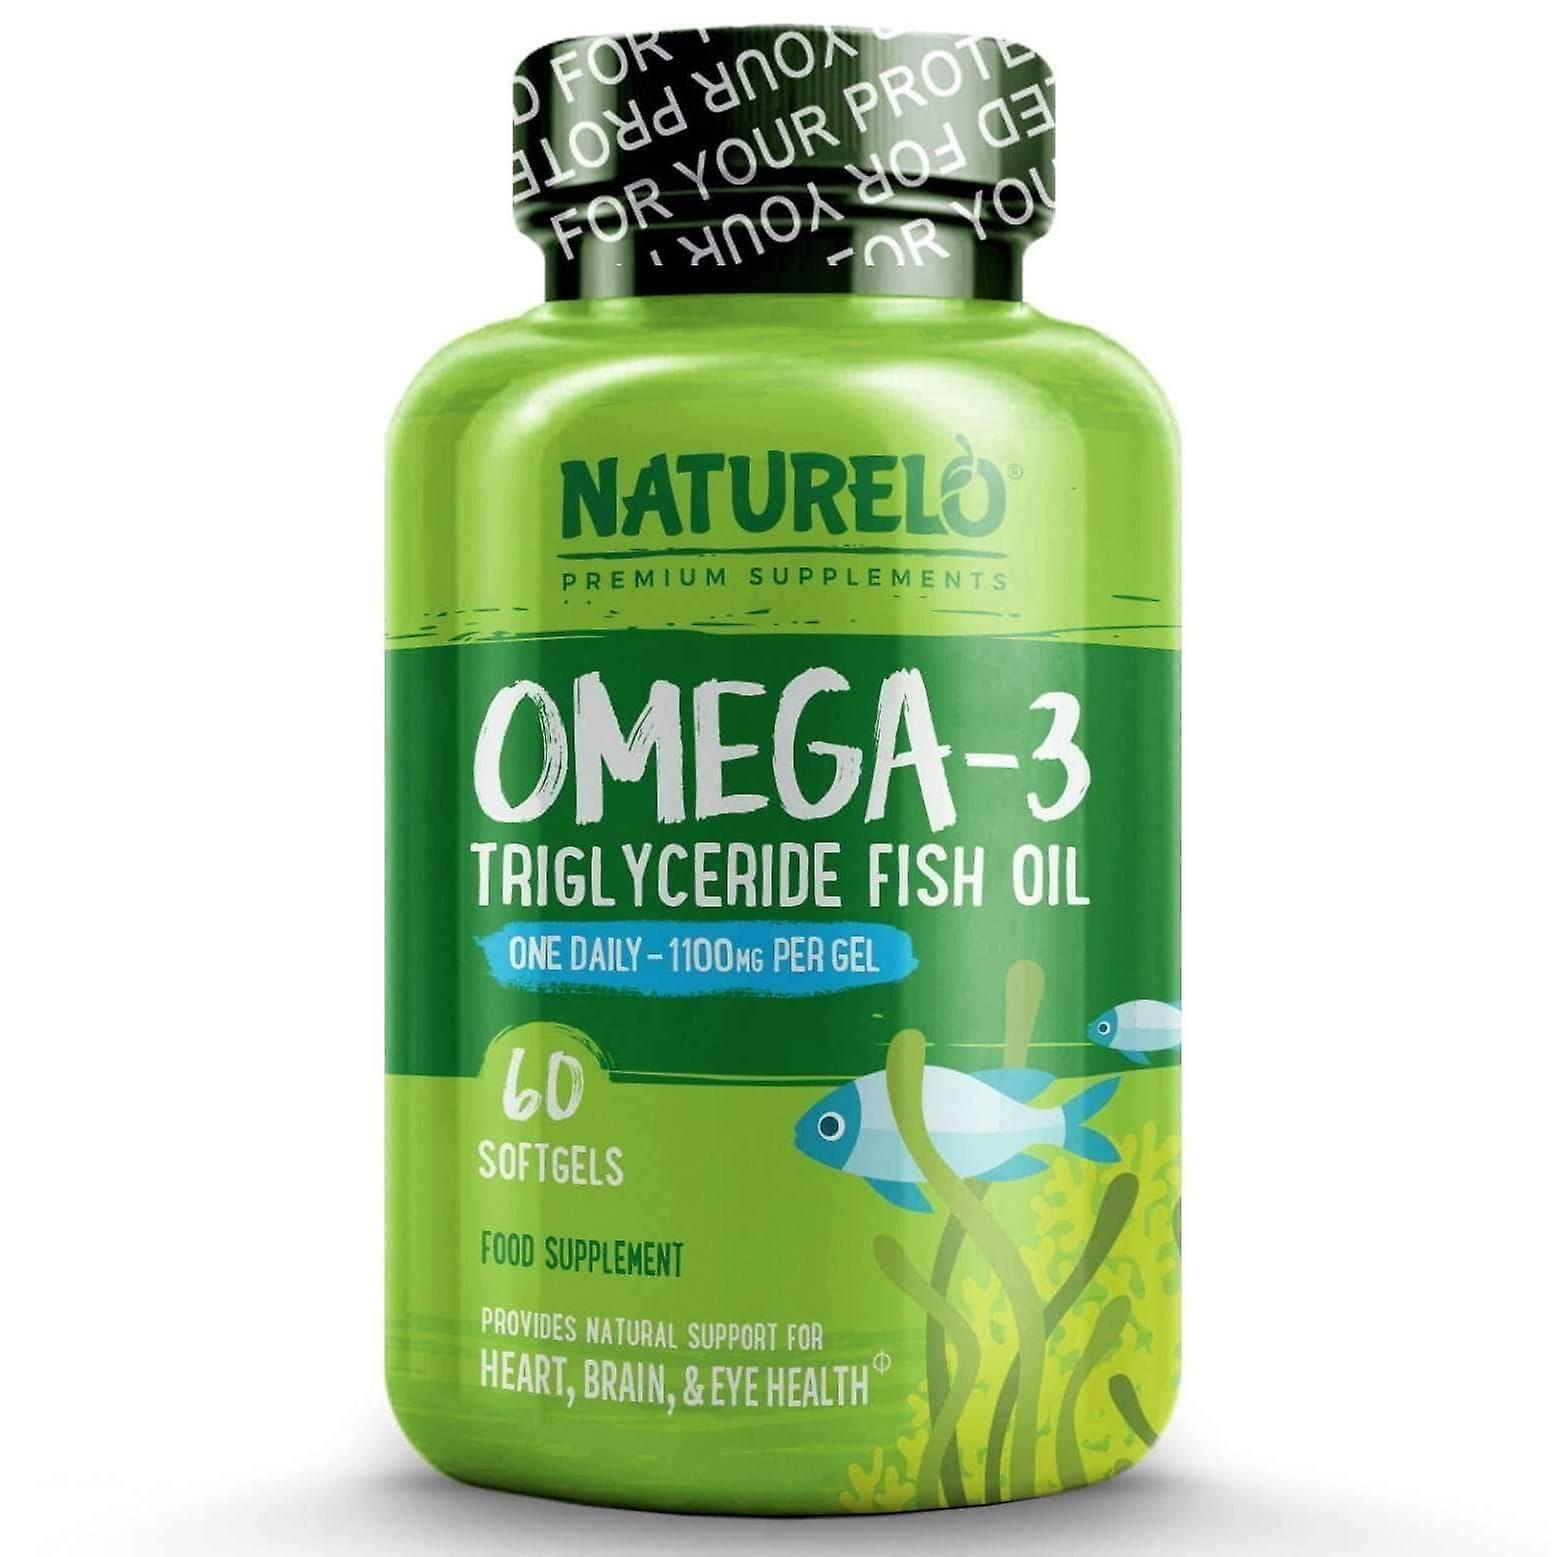 Premie omega-3 visolie - 1100 mg triglyceride - een een dag